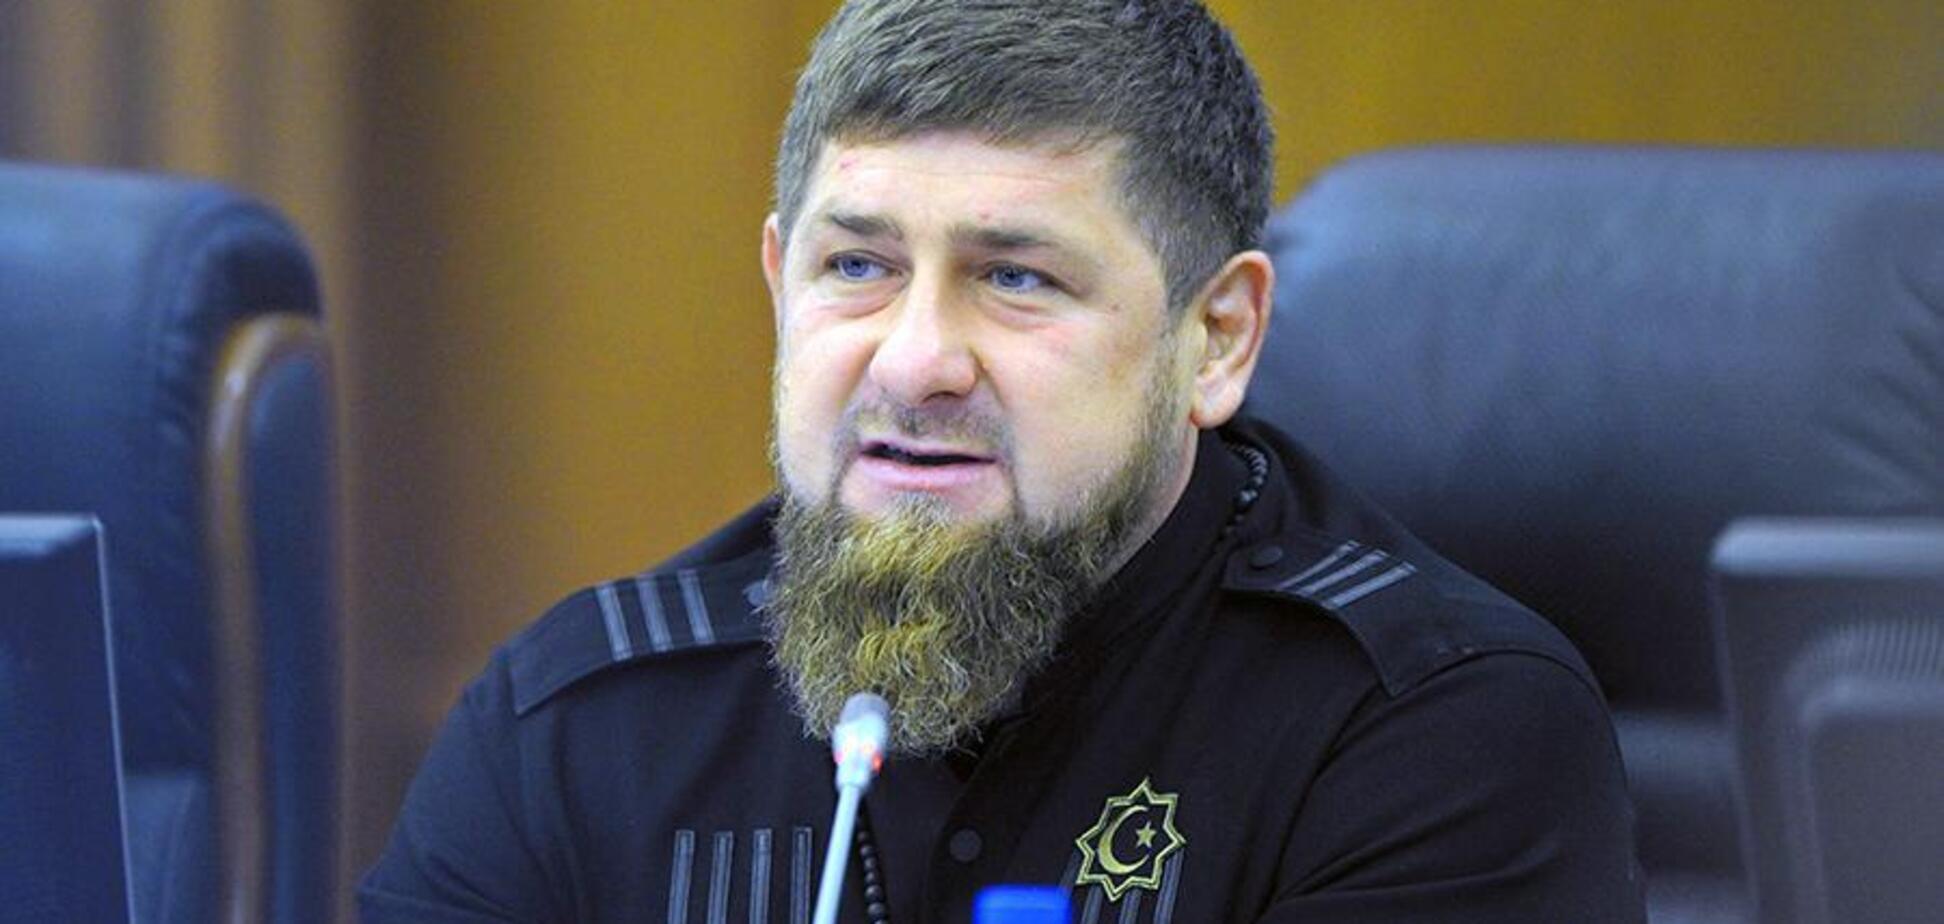 Кадыров сказал глупость. В его подчинении нет ни одного военнослужащего